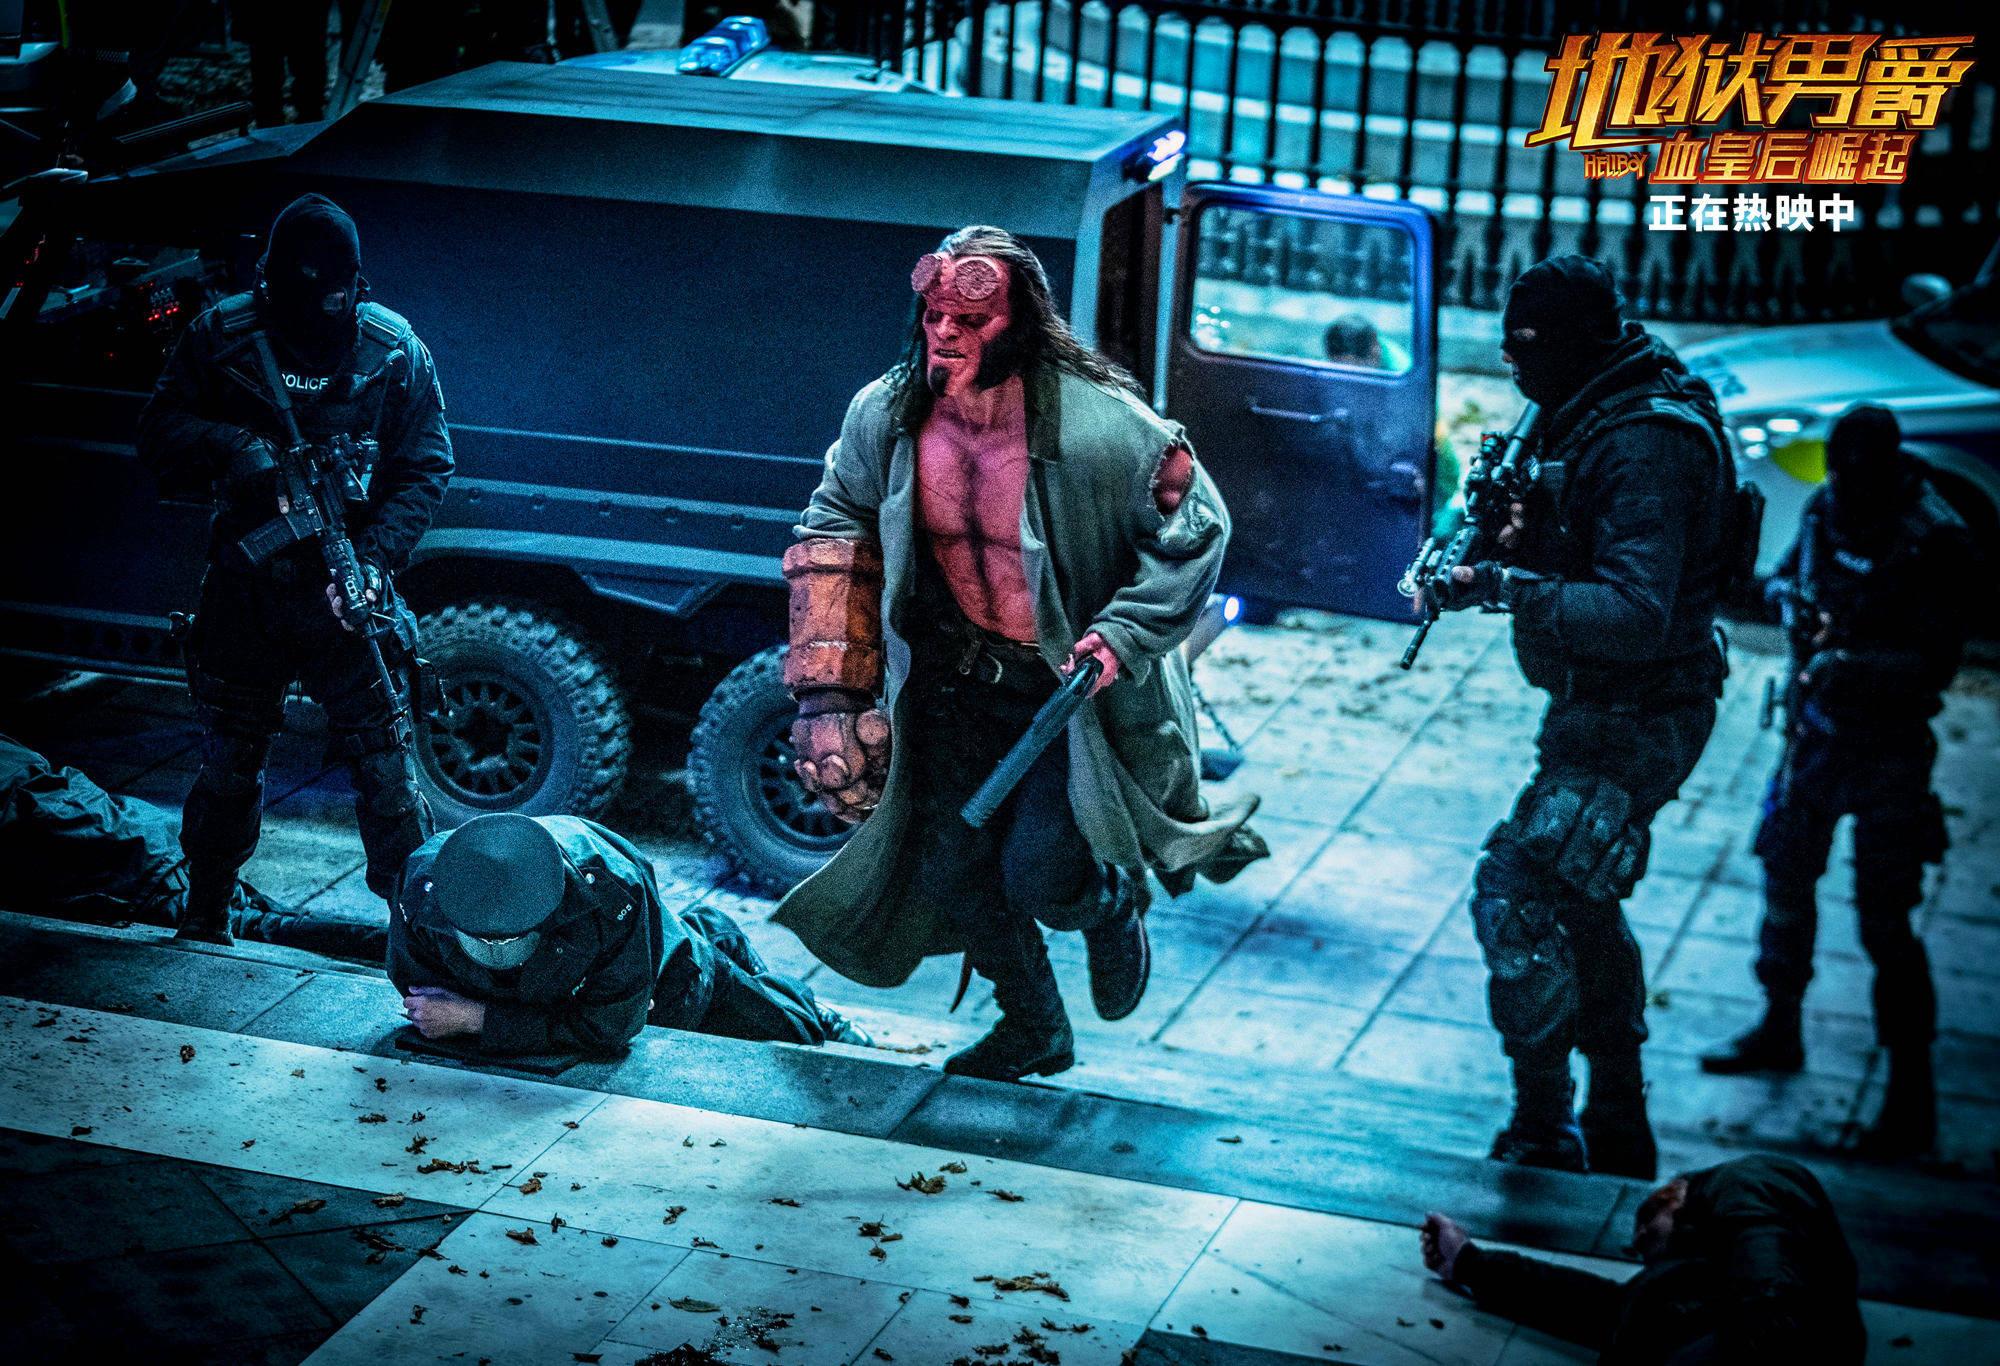 《地狱男爵》热映中 地狱男爵自带小火炉燃爆影院提前供暖